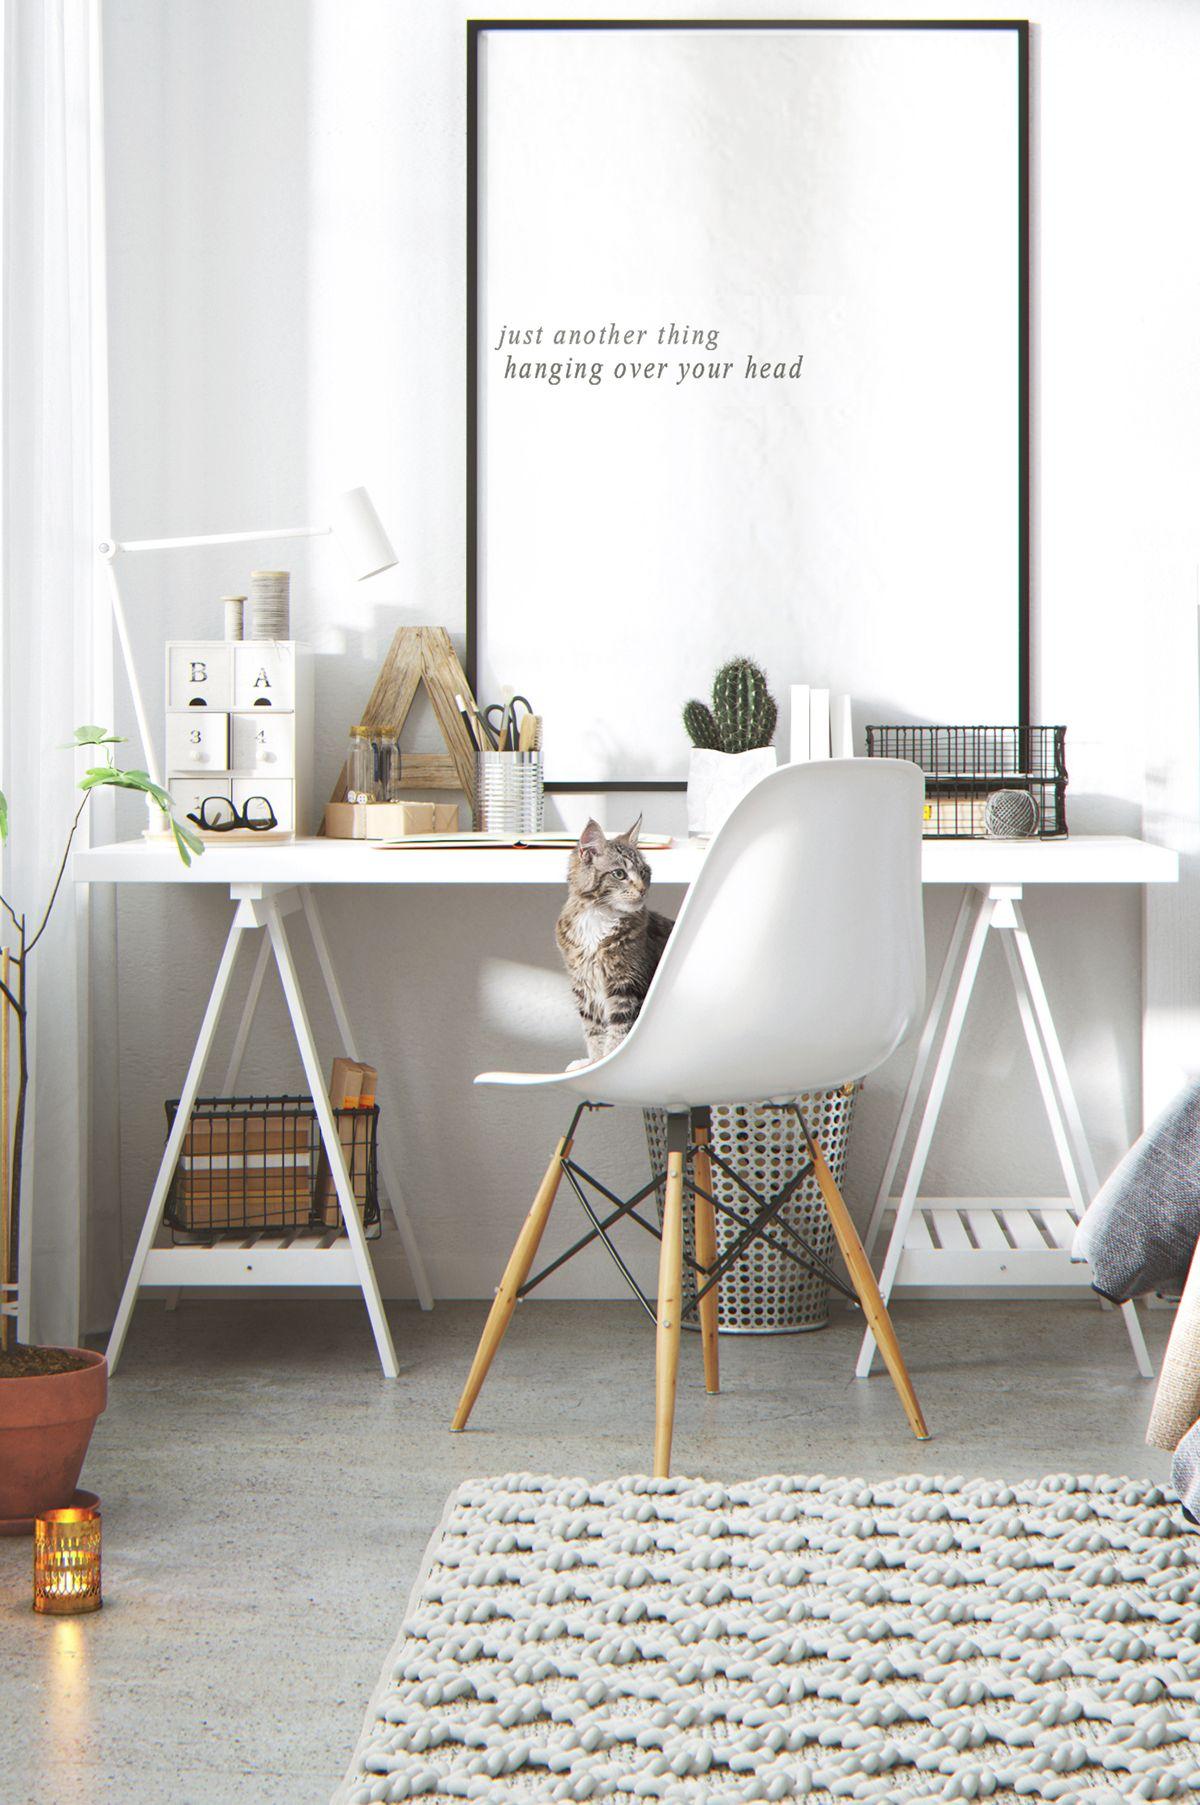 Un Bureau Blanc Sur Des Treteaux Deco Inspo Home Office